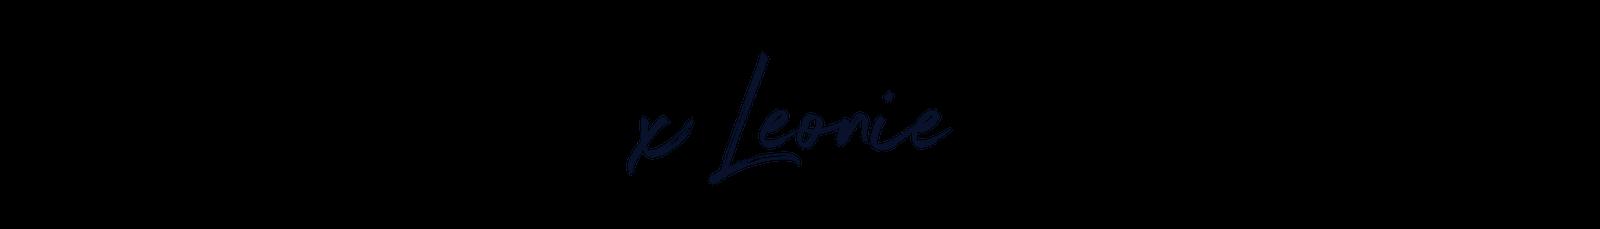 LT Signature.png